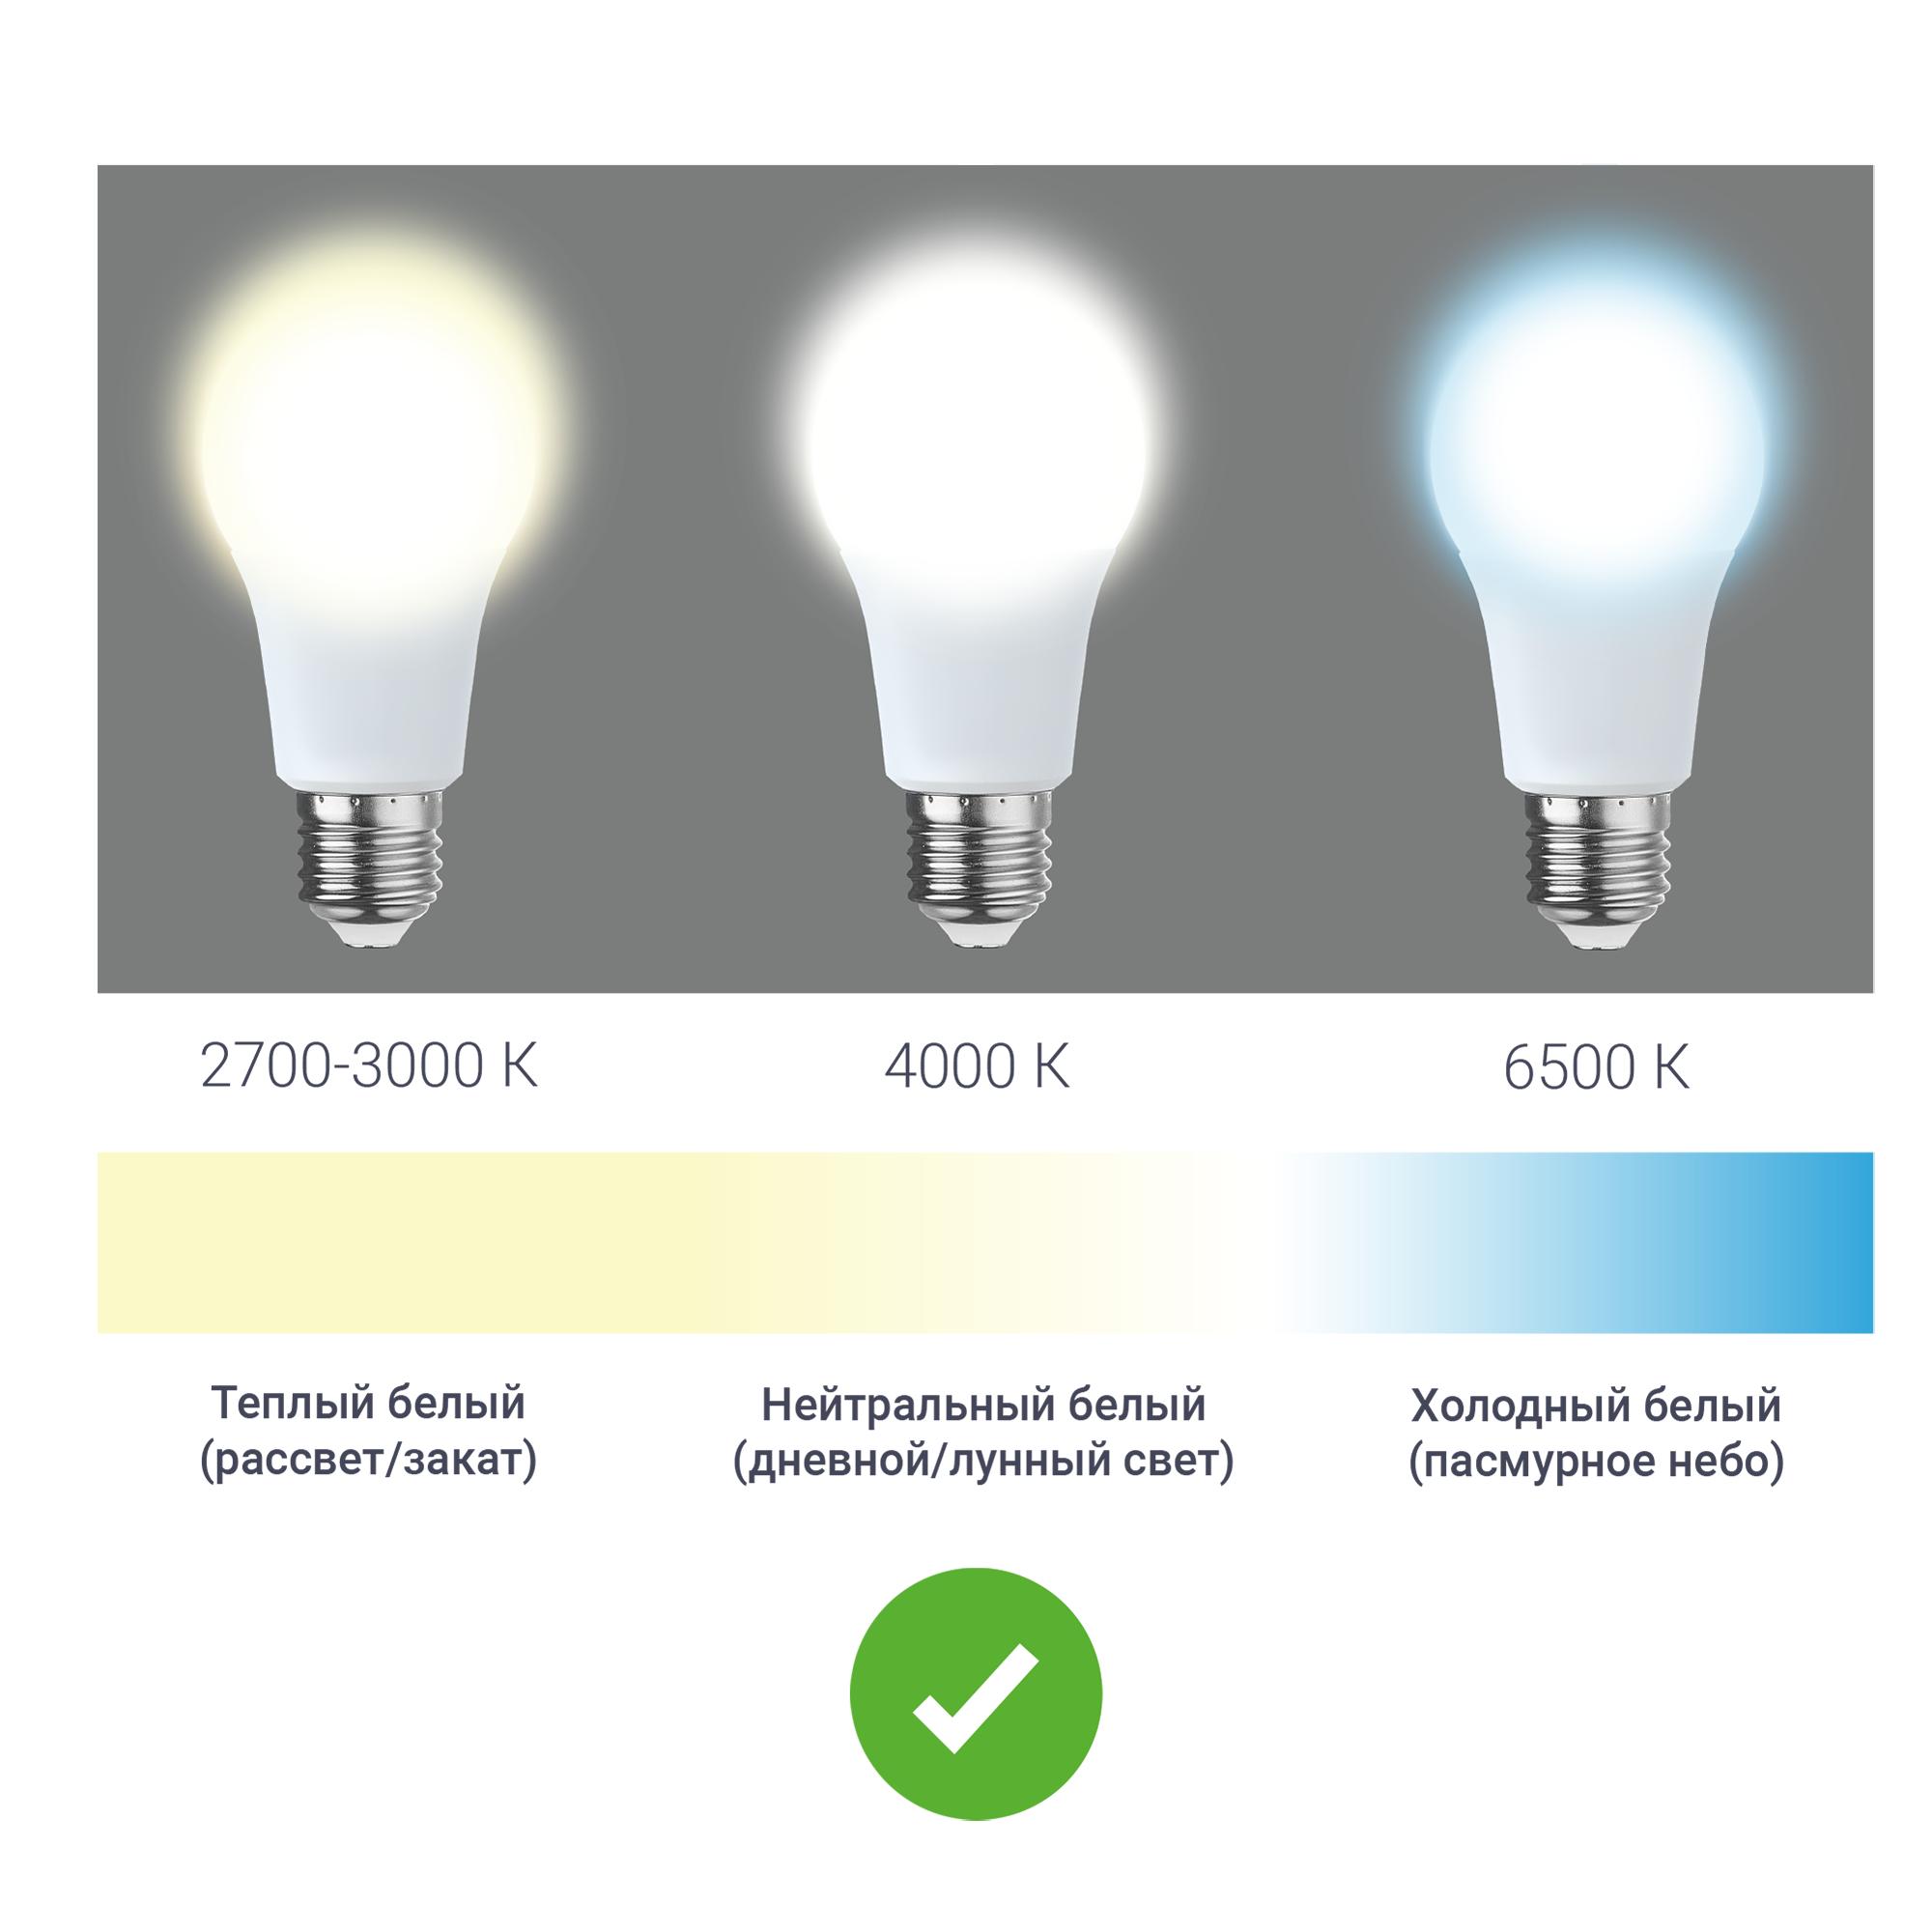 Лампа светодиодная Е27 220 В 7 Вт груша 600 лм холодный свет